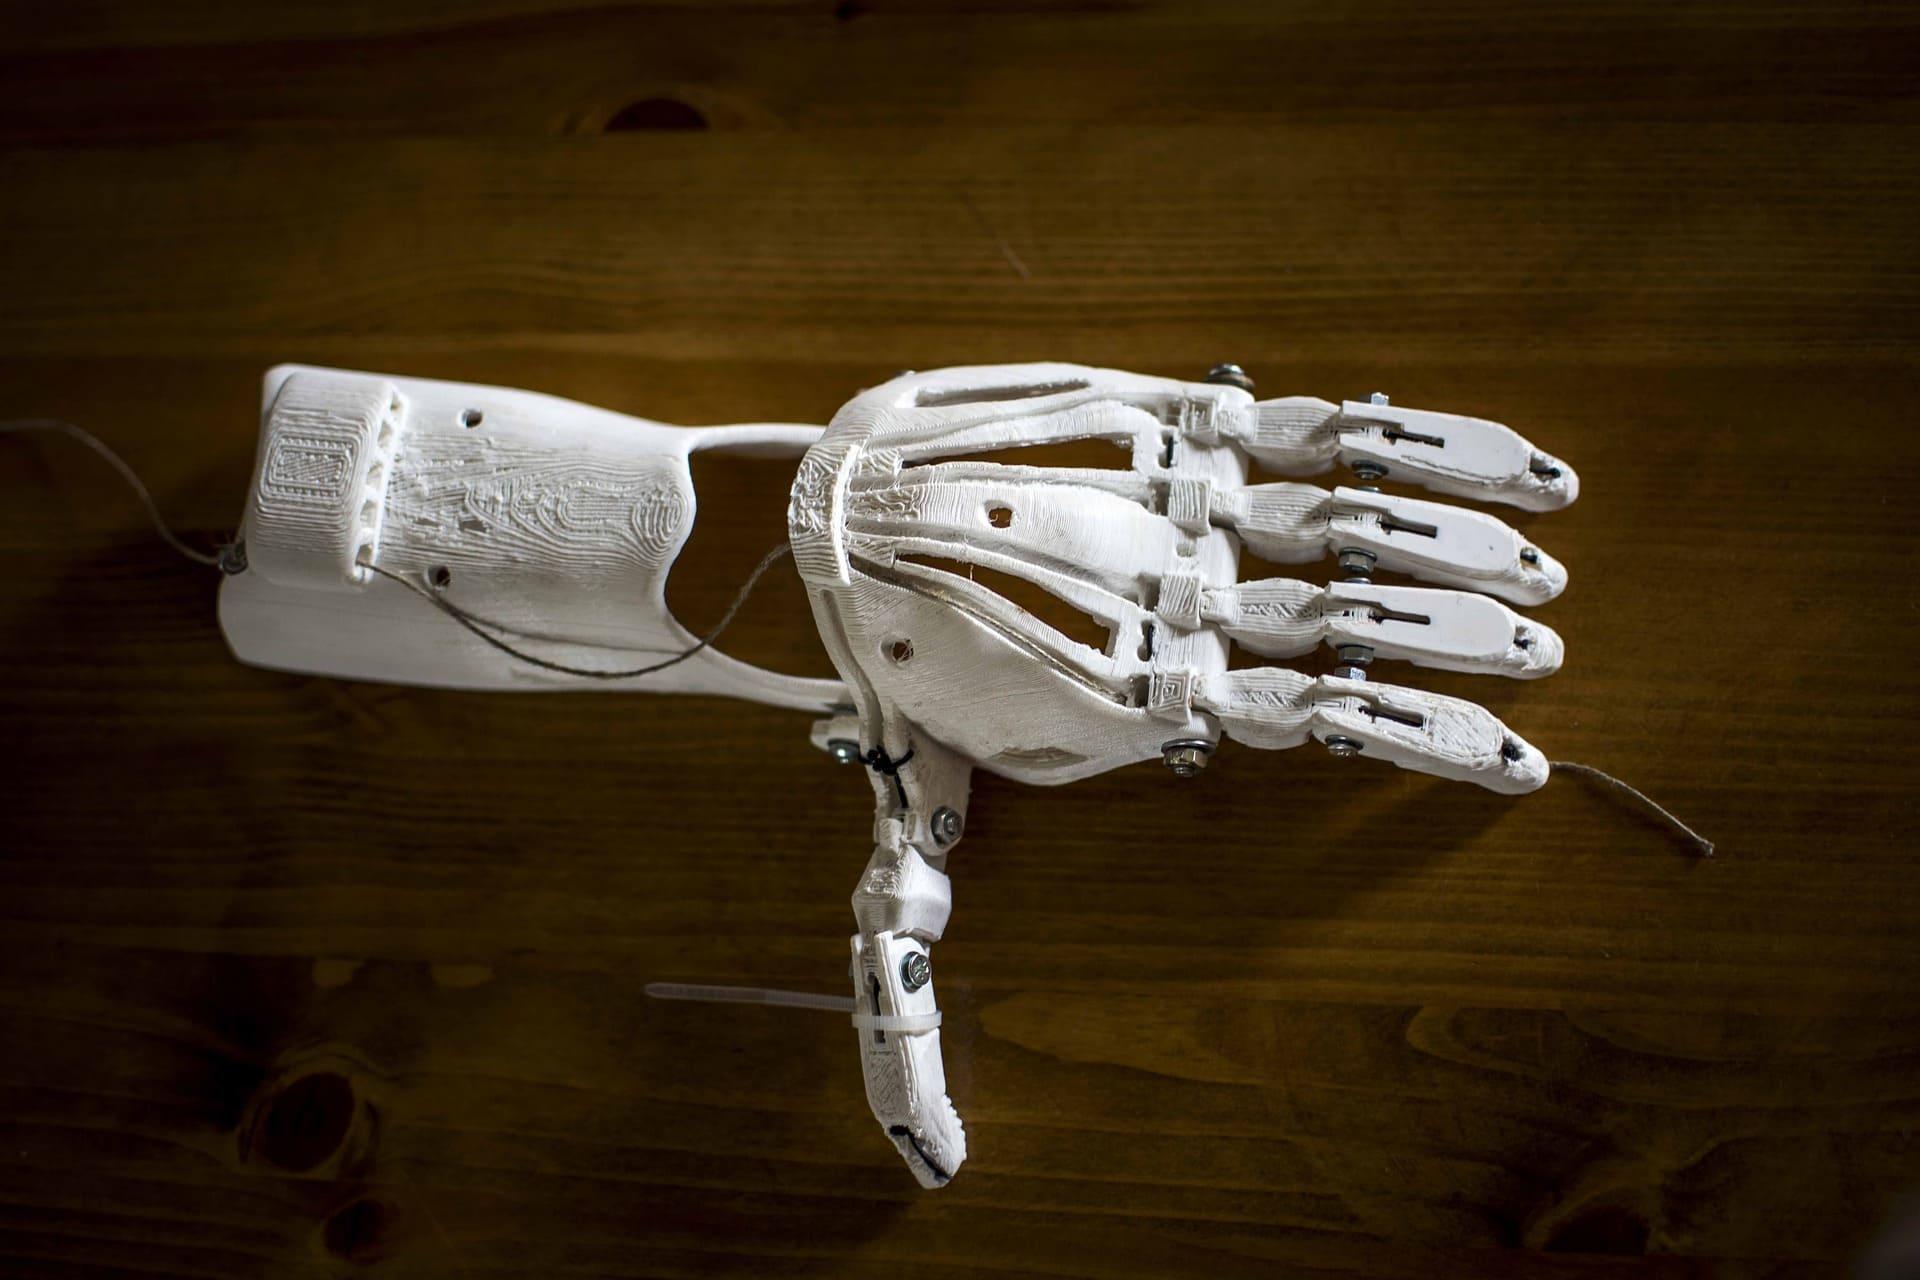 3D Drucker Industrie entwickelt in der Medzin passgenaue Handprothesen für Patienten.